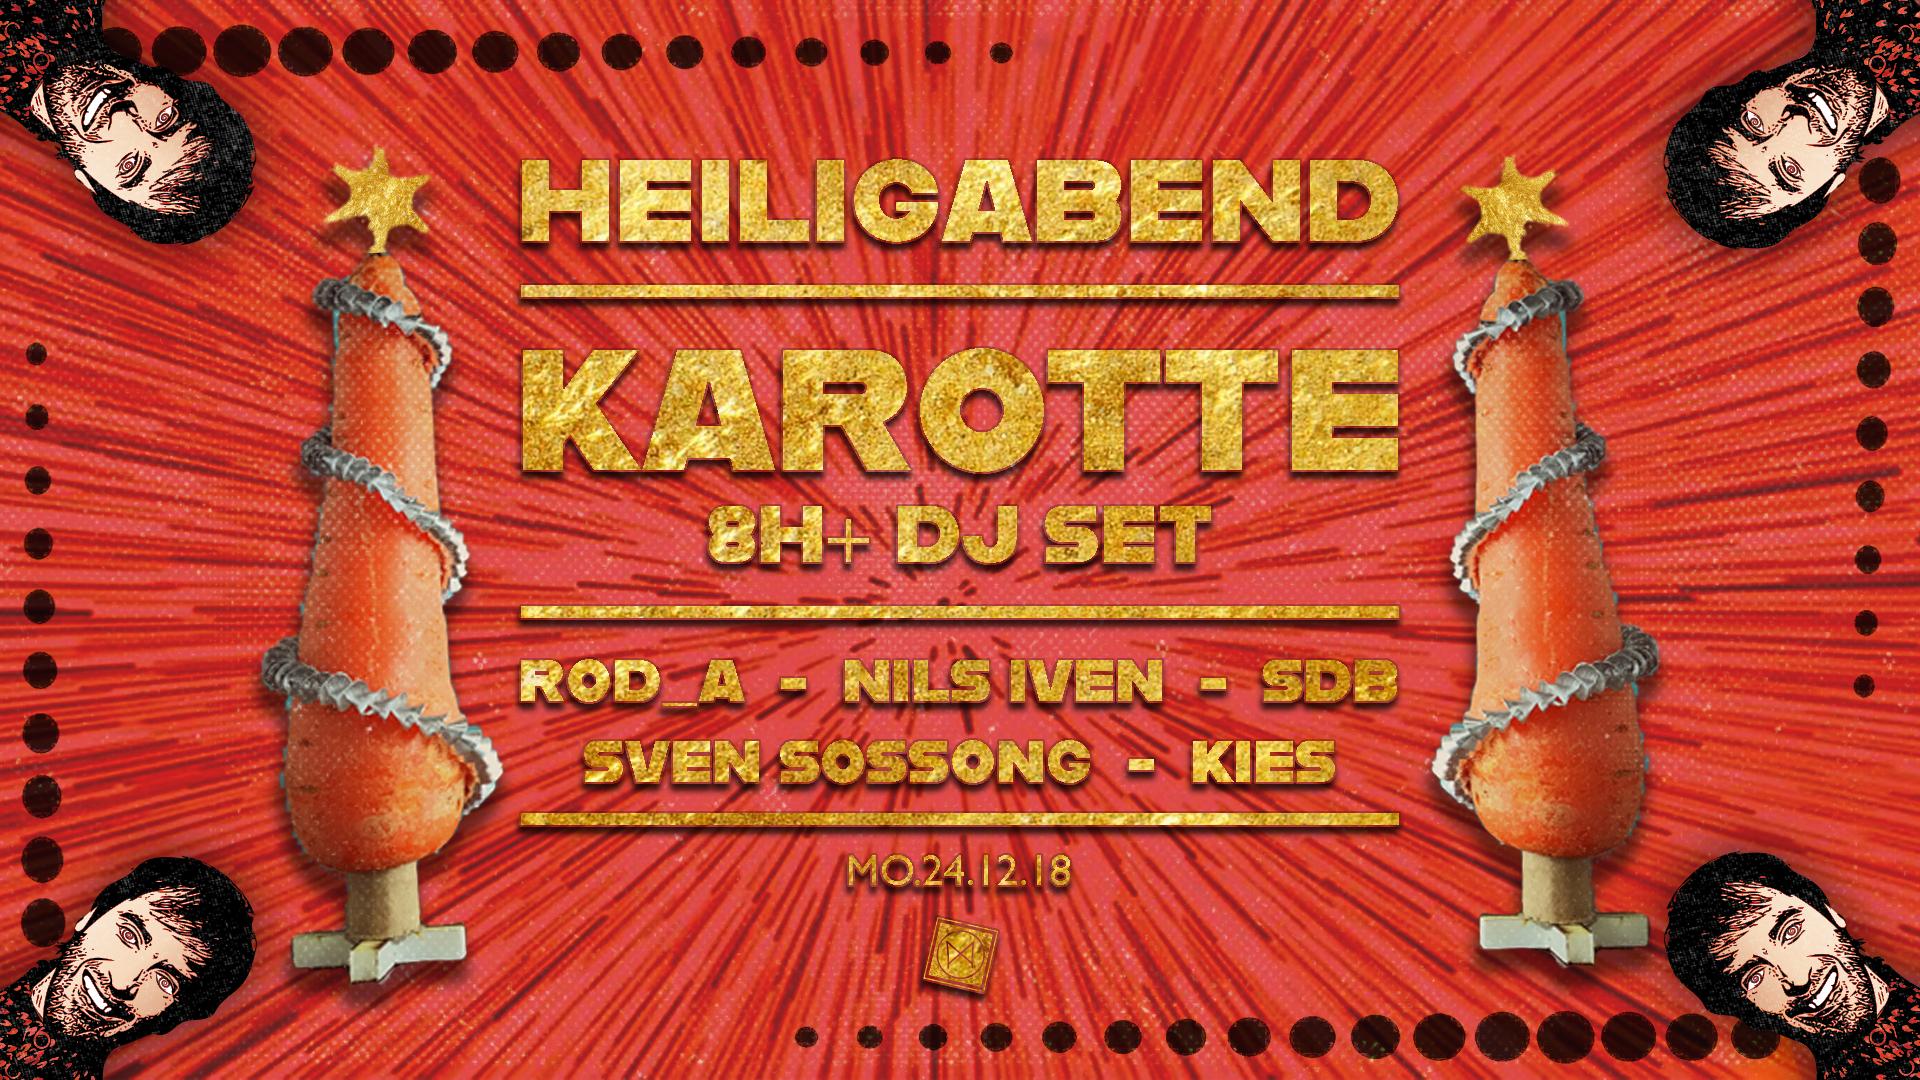 Heiligabend - Karotte 8h+ DJ Set!